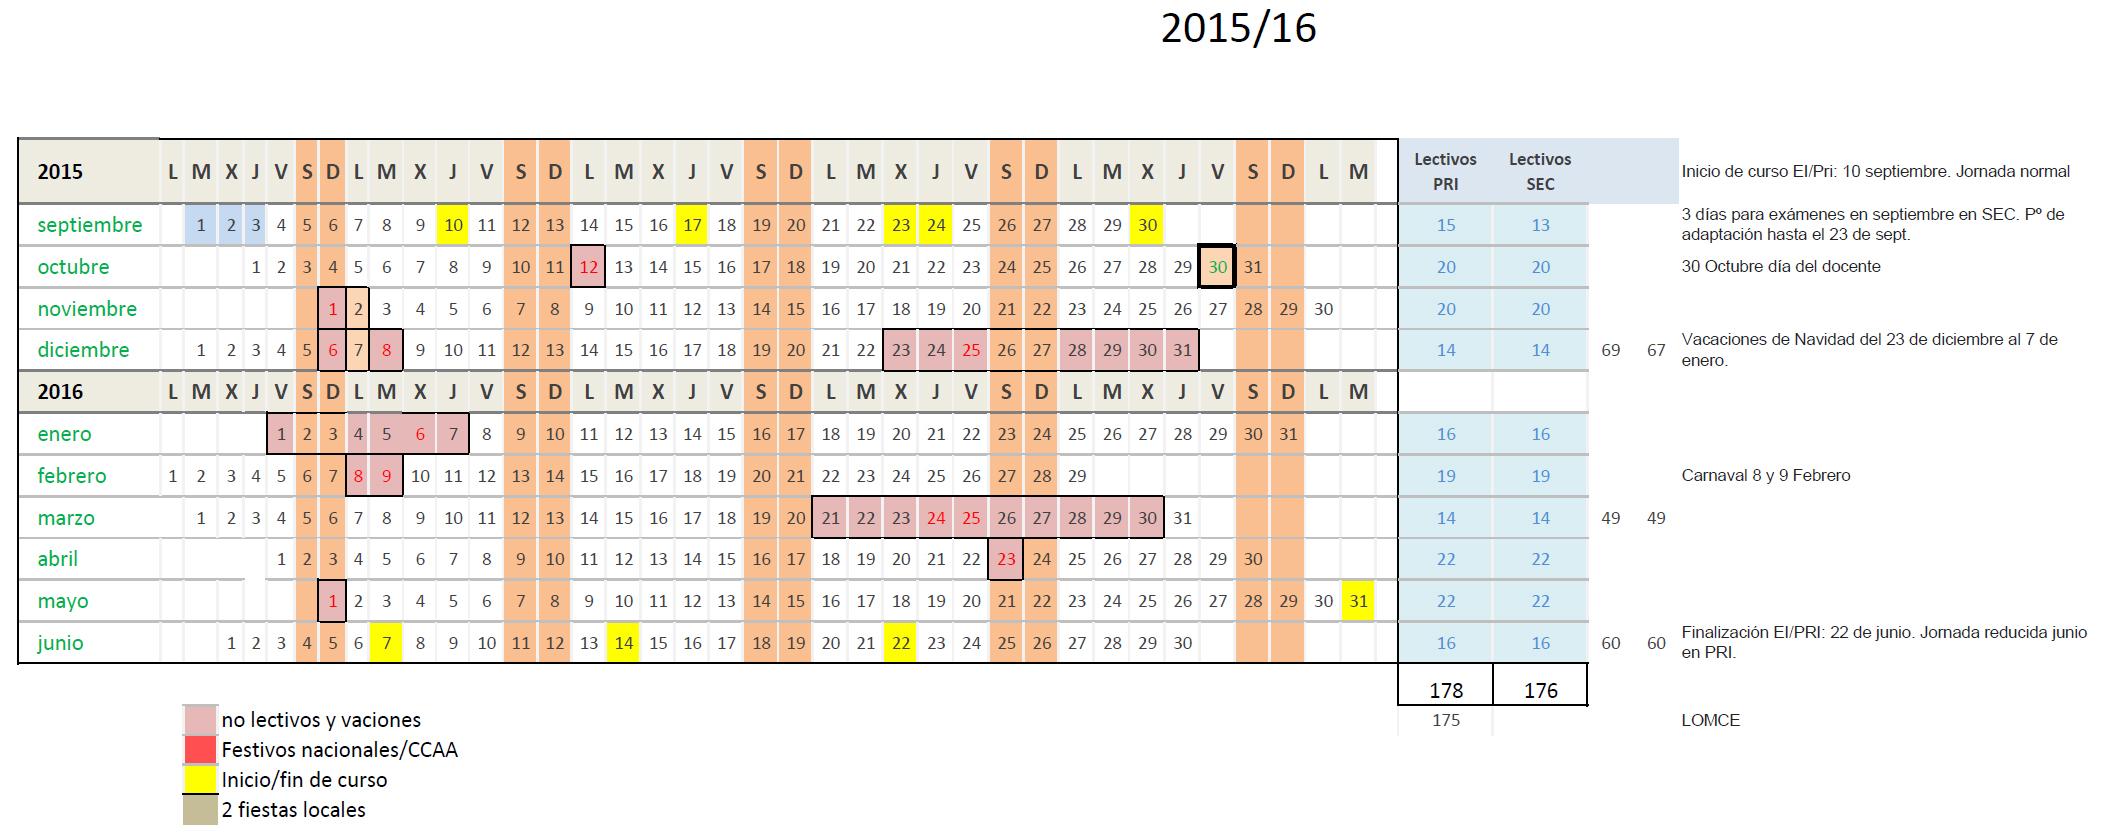 Calendario Escolar Valladolid.Calendario Escolar Archivos Stecyl I